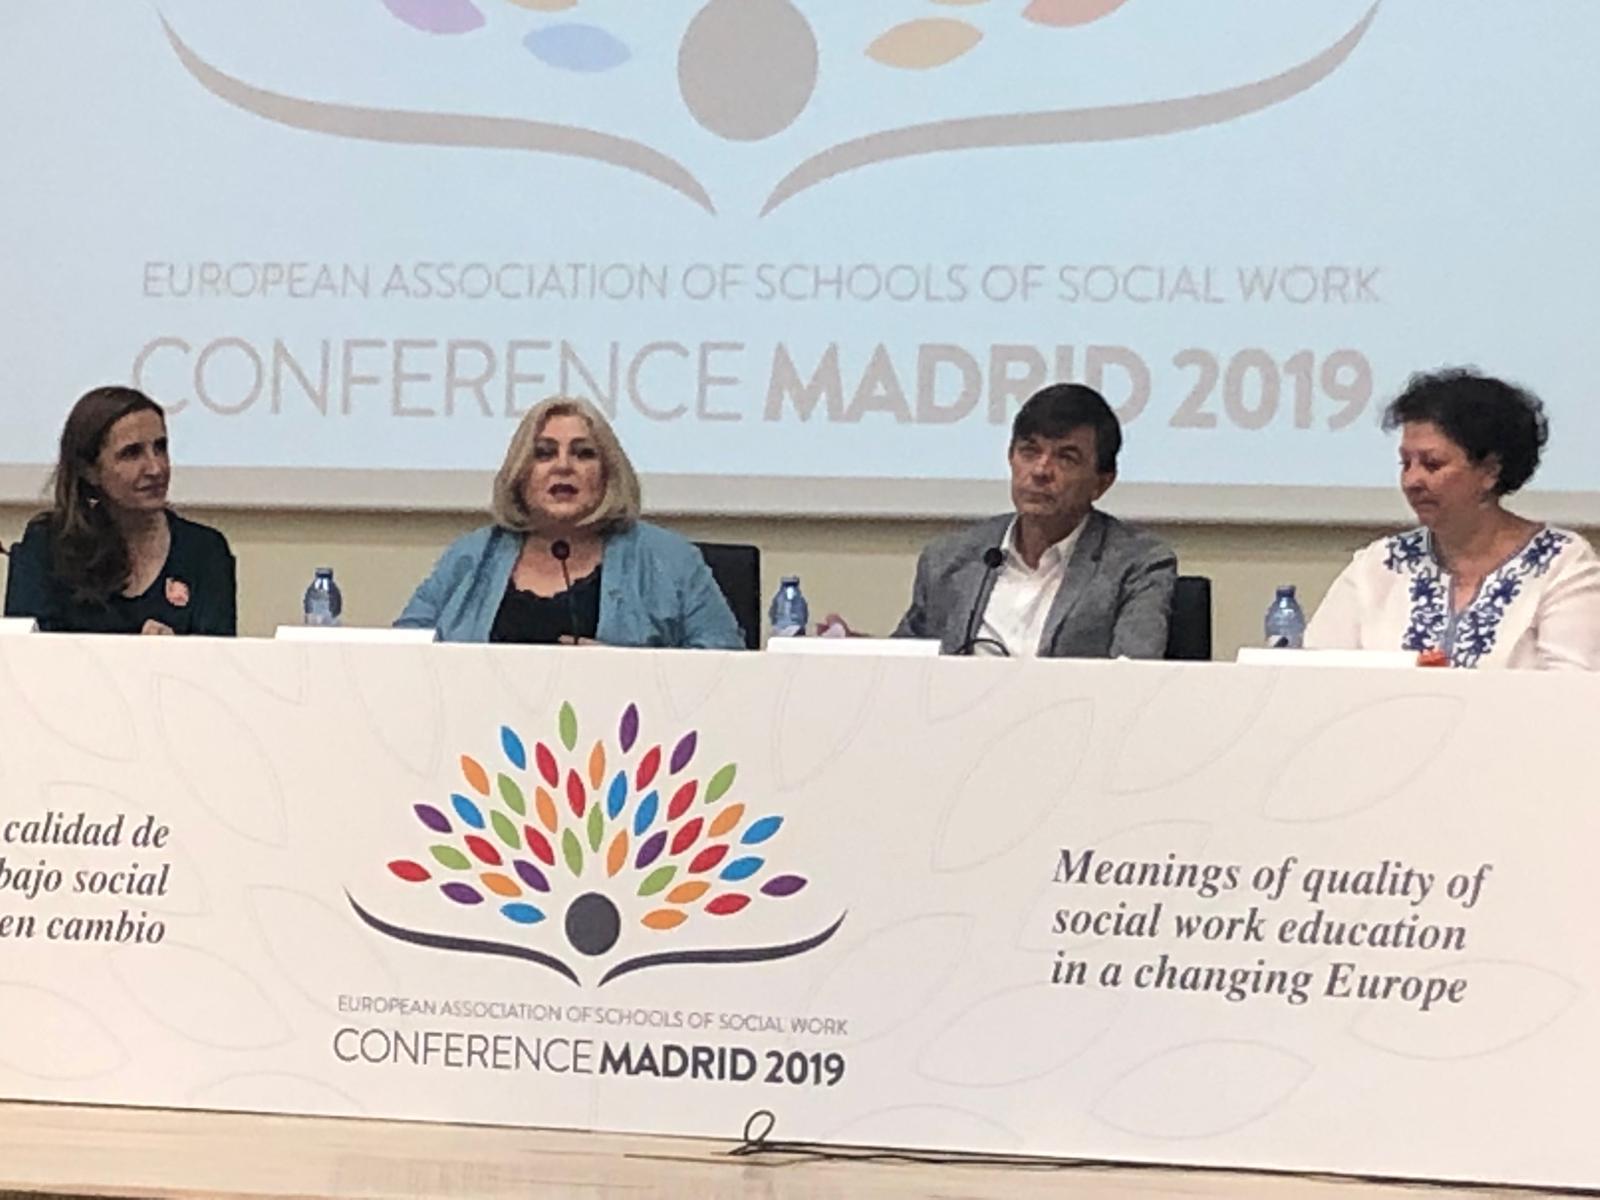 El trabajo social por una Europa más social